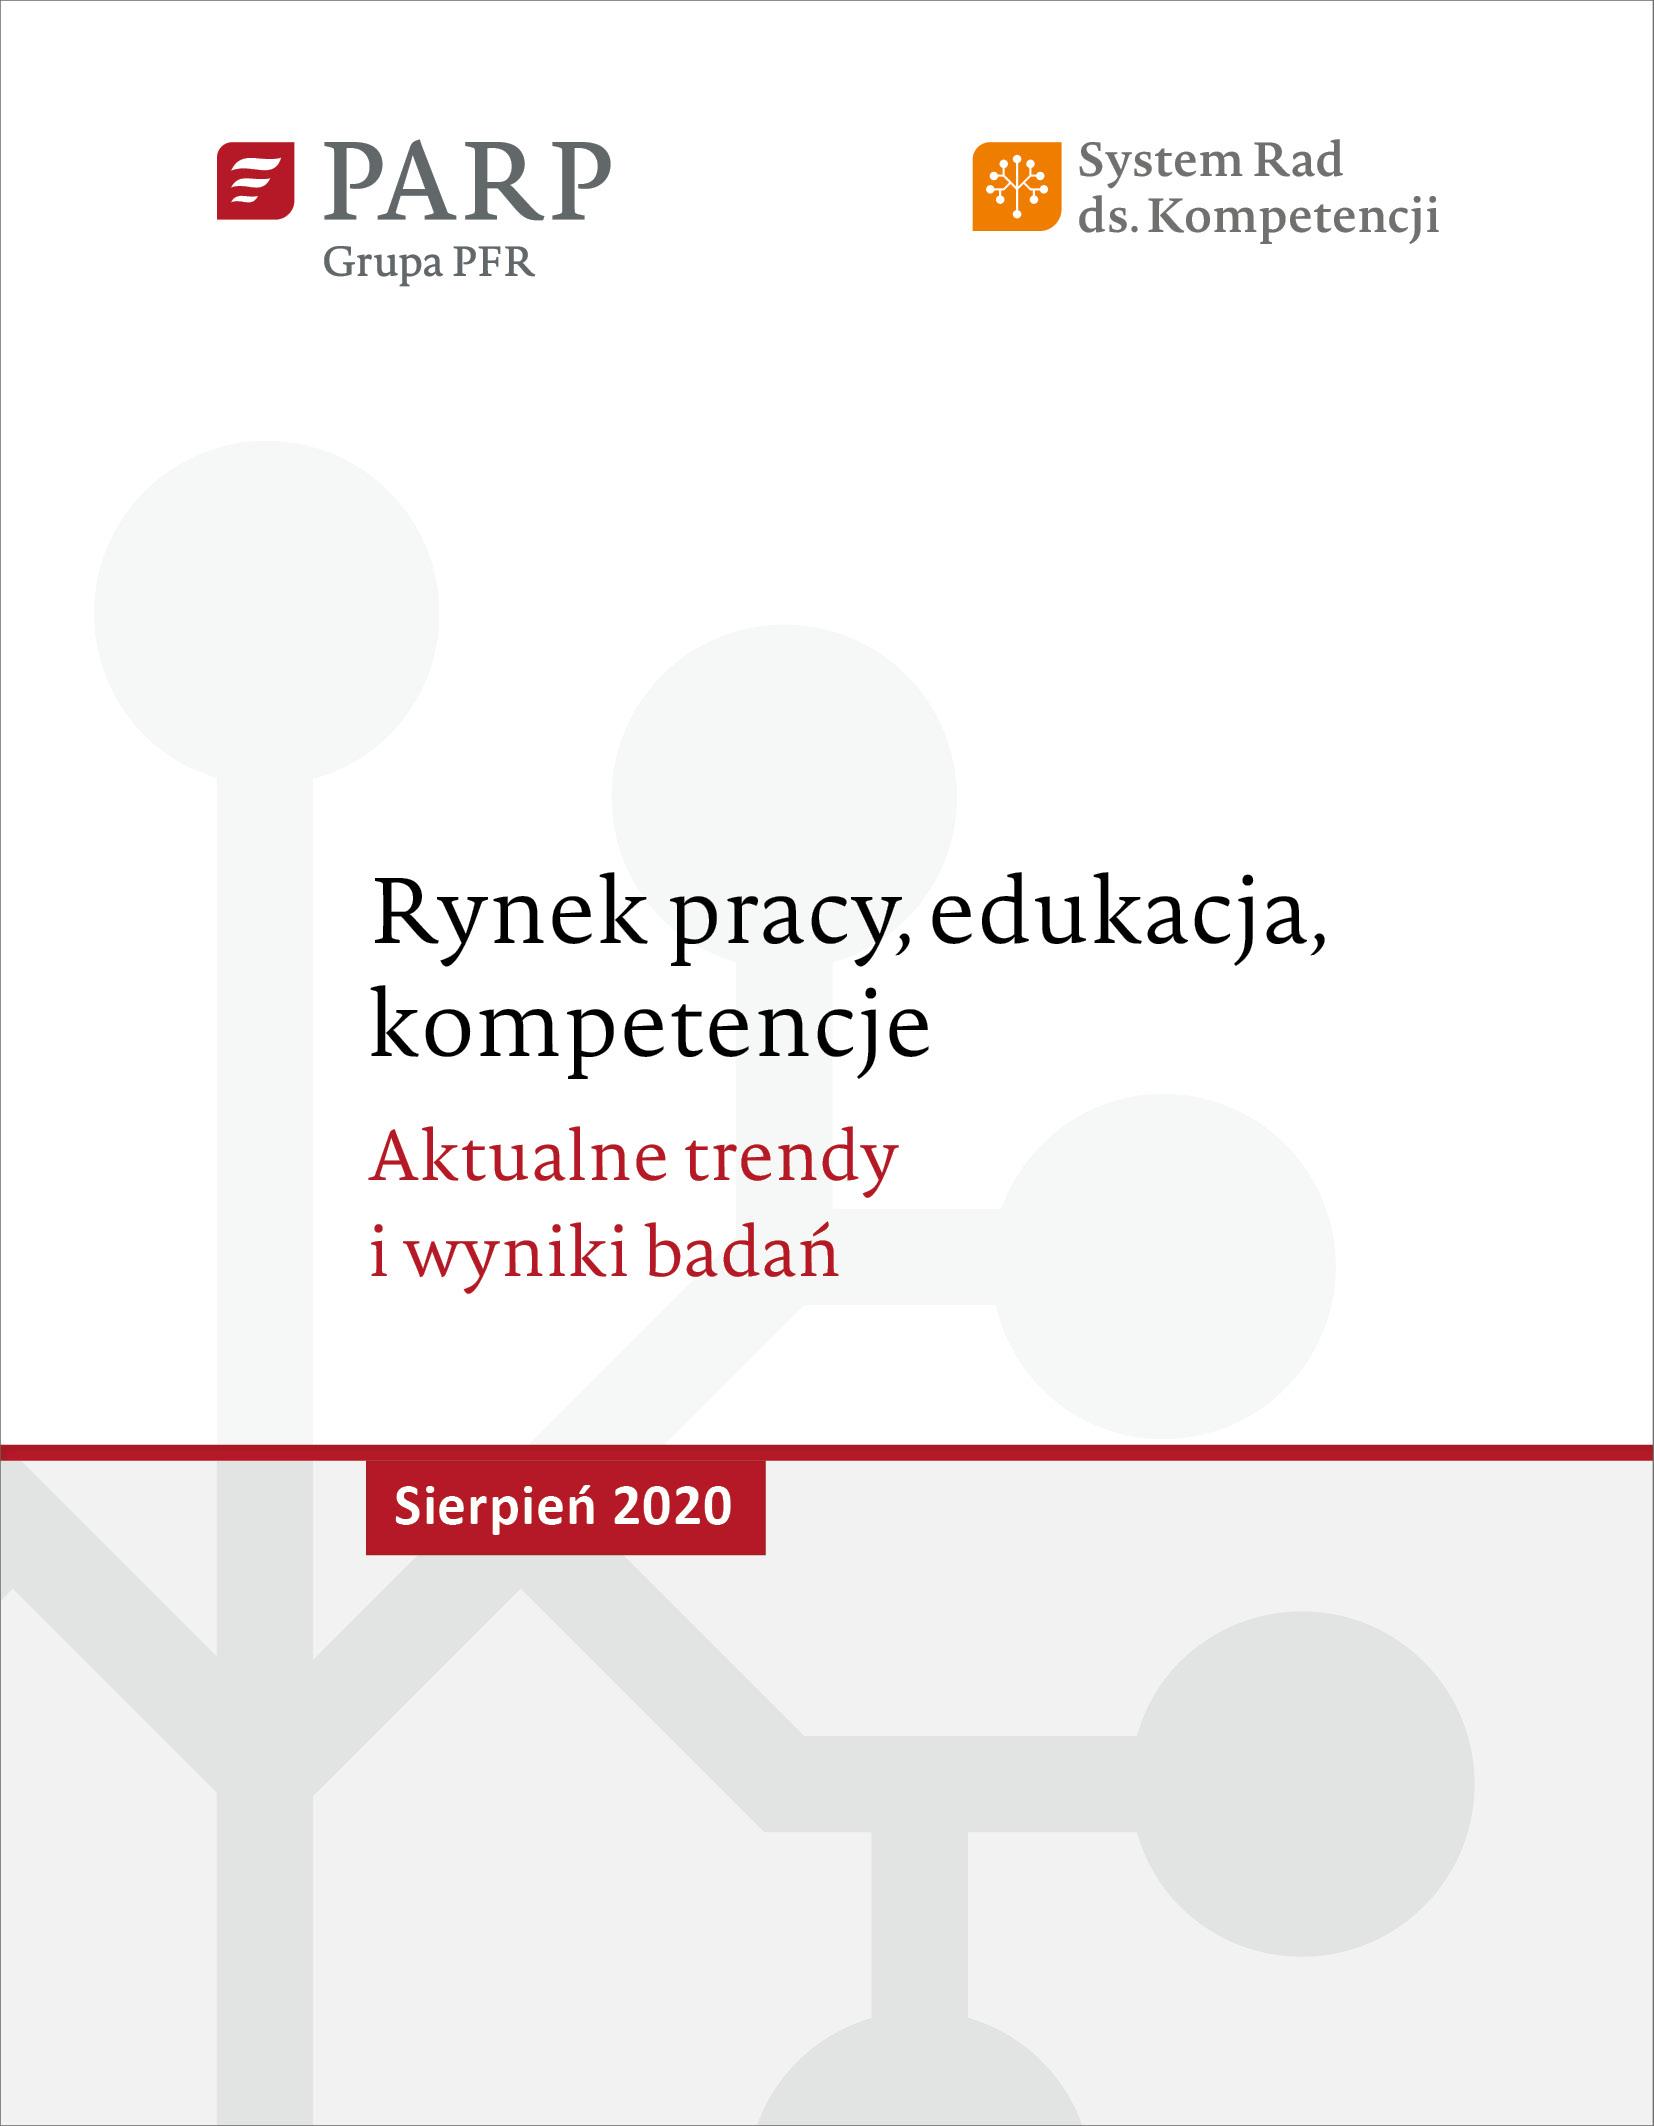 Rynek pracy, edukacja, kompetencje - sierpień 2020